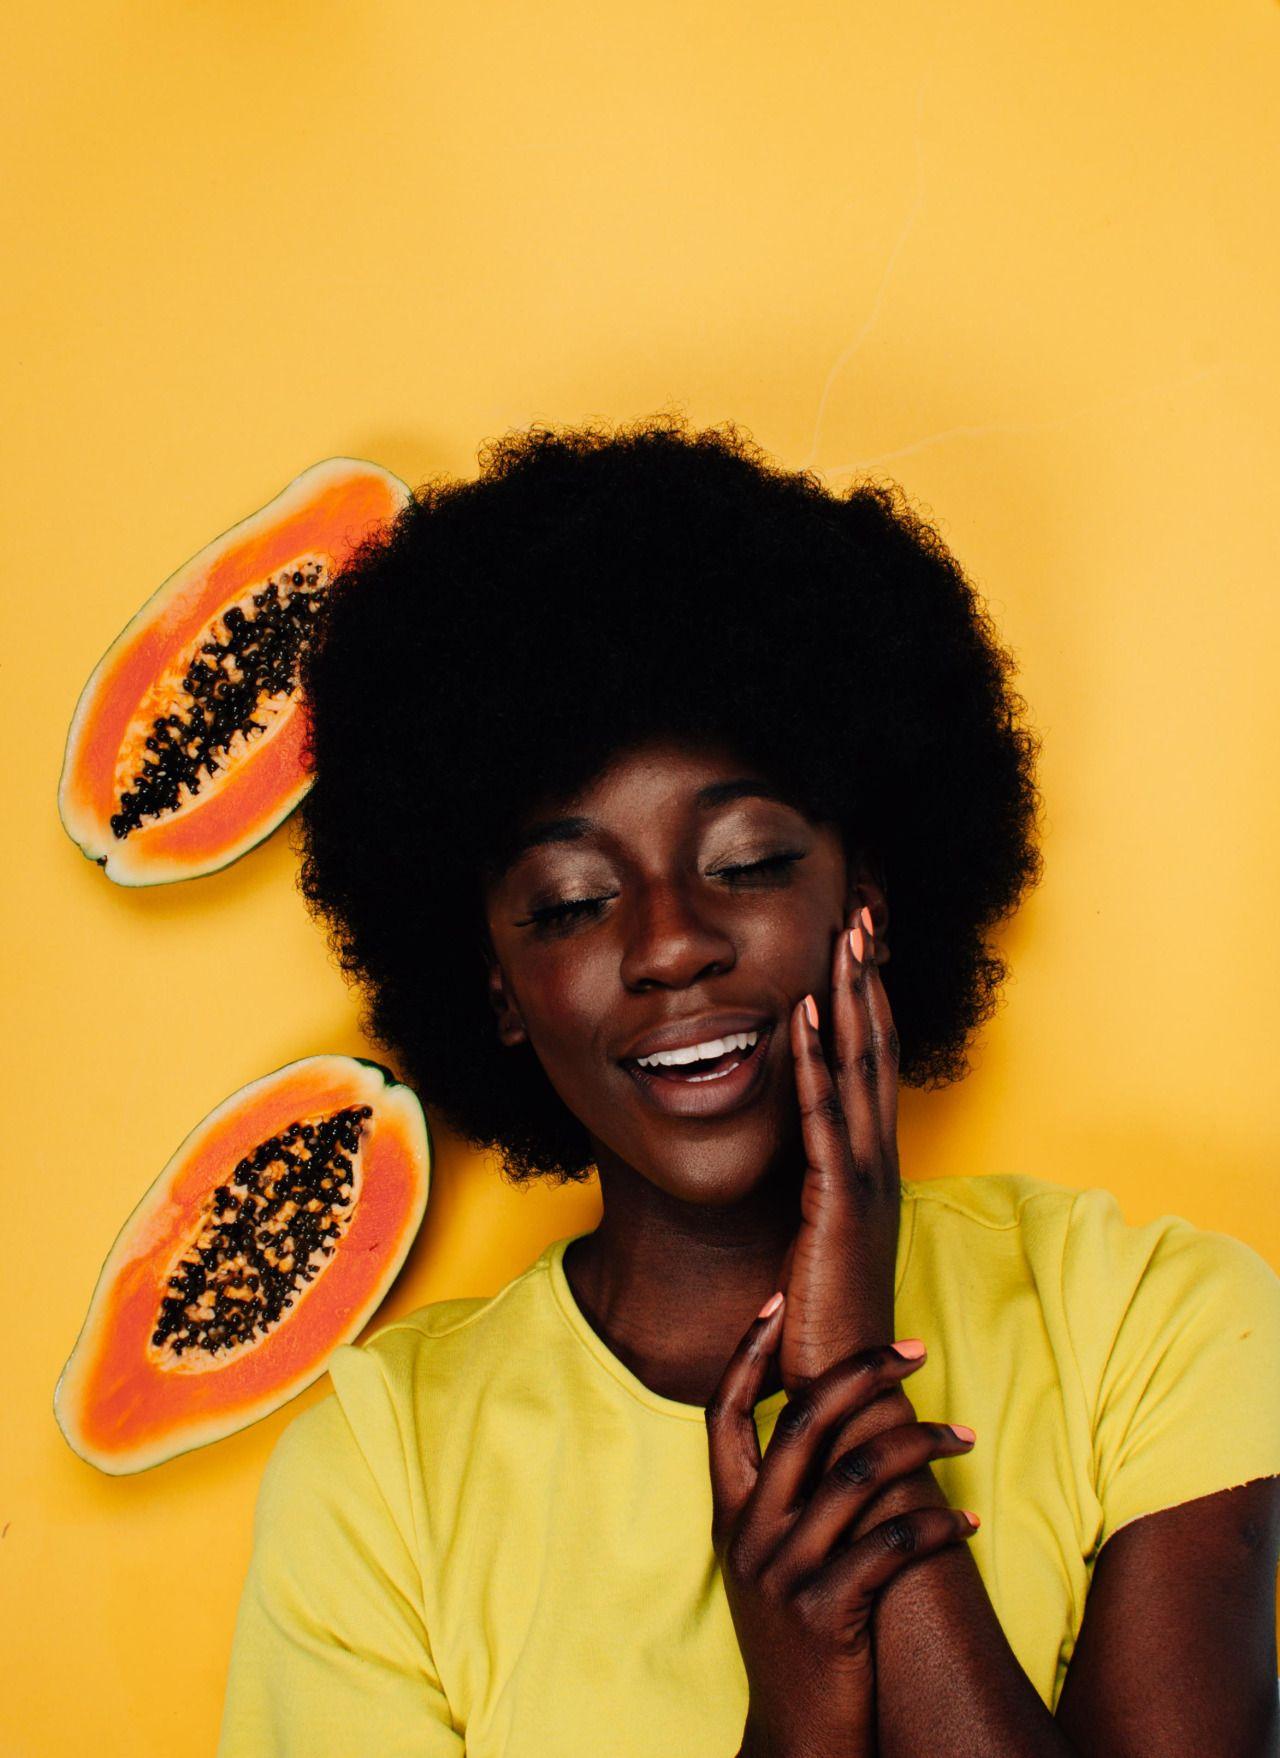 Pin by oneilia smith elias on uc pinterest black girls black